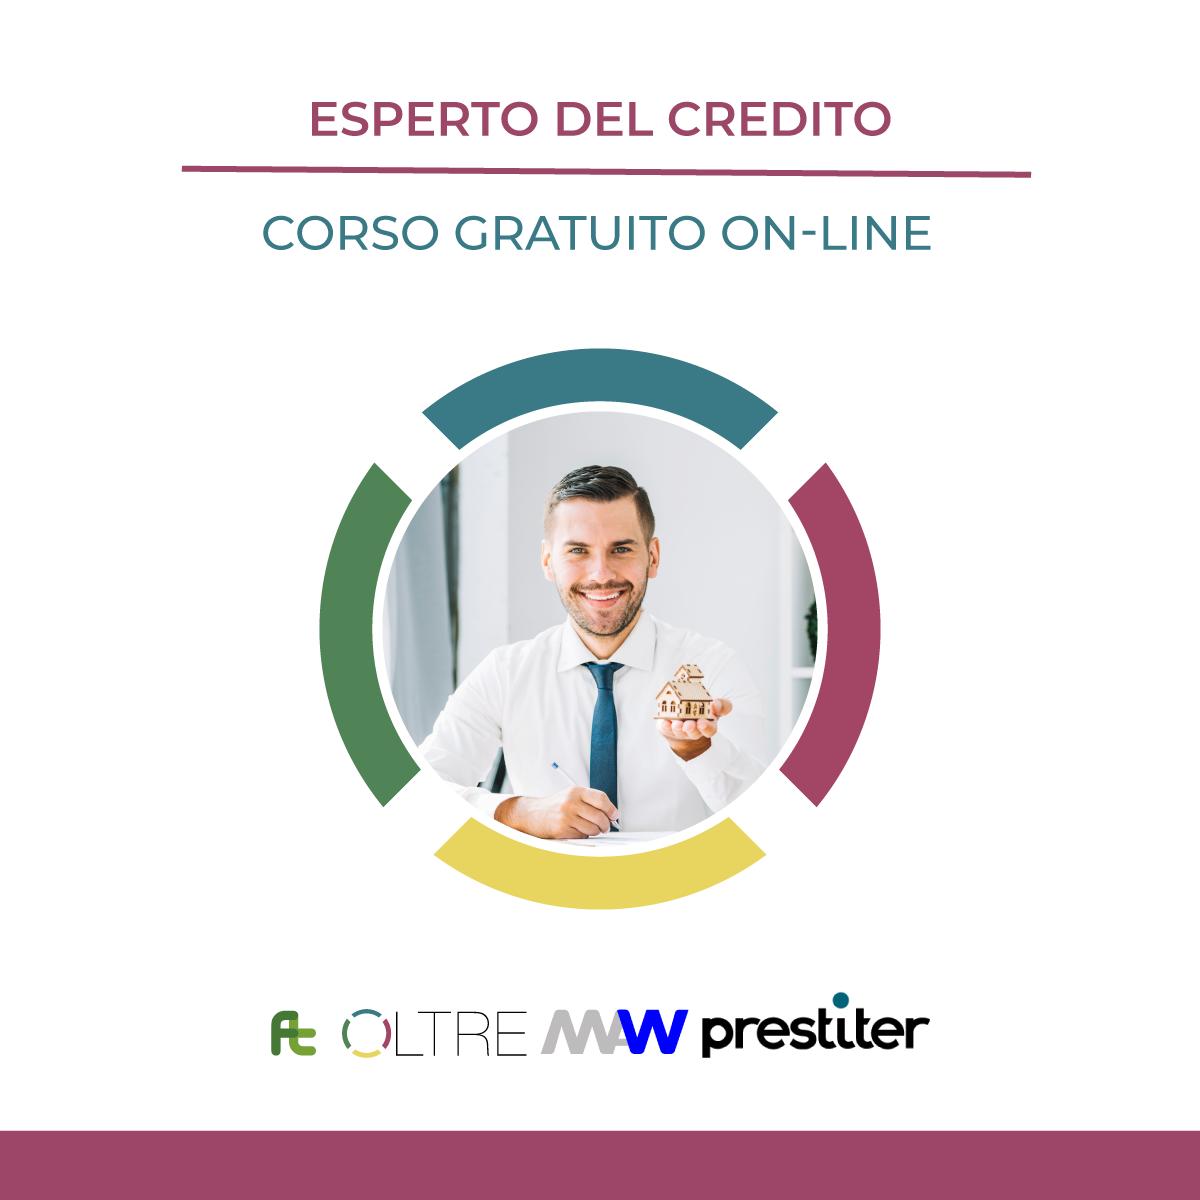 esperto del credito